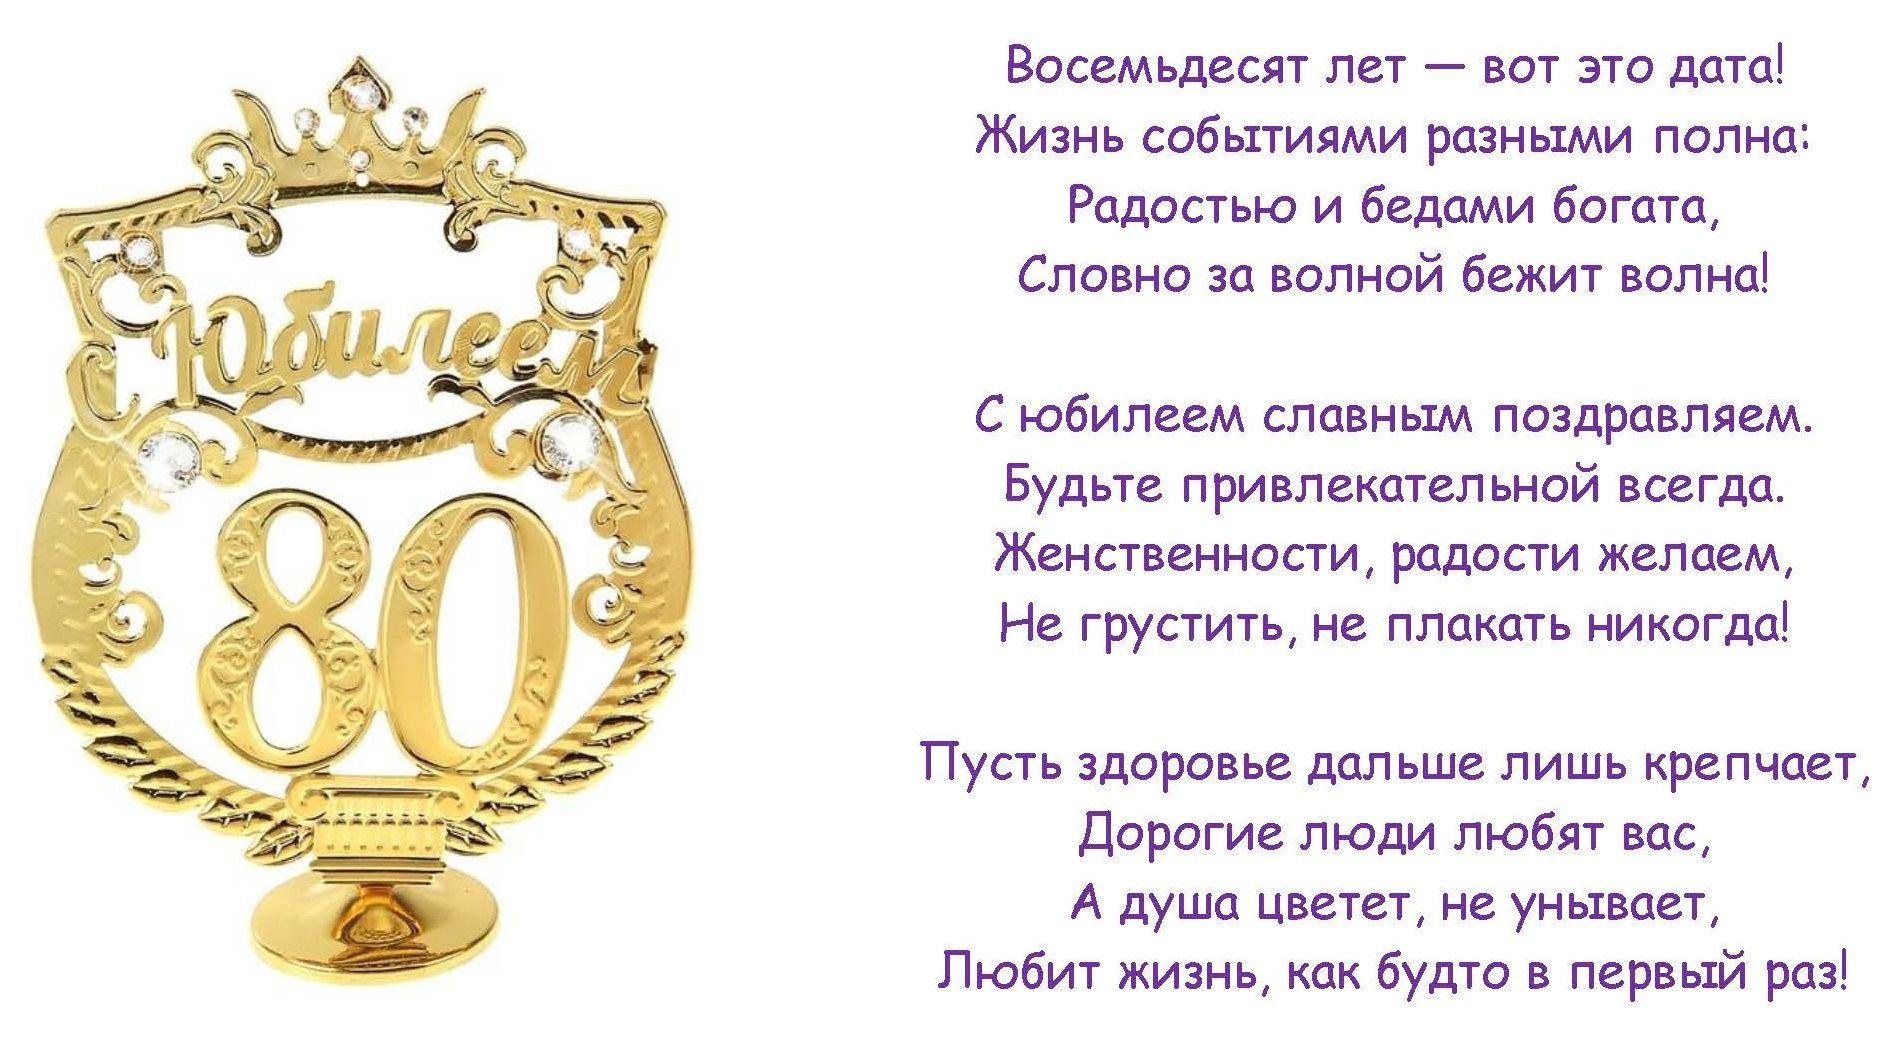 Поздравления с днем рождения тетушке 80 лет